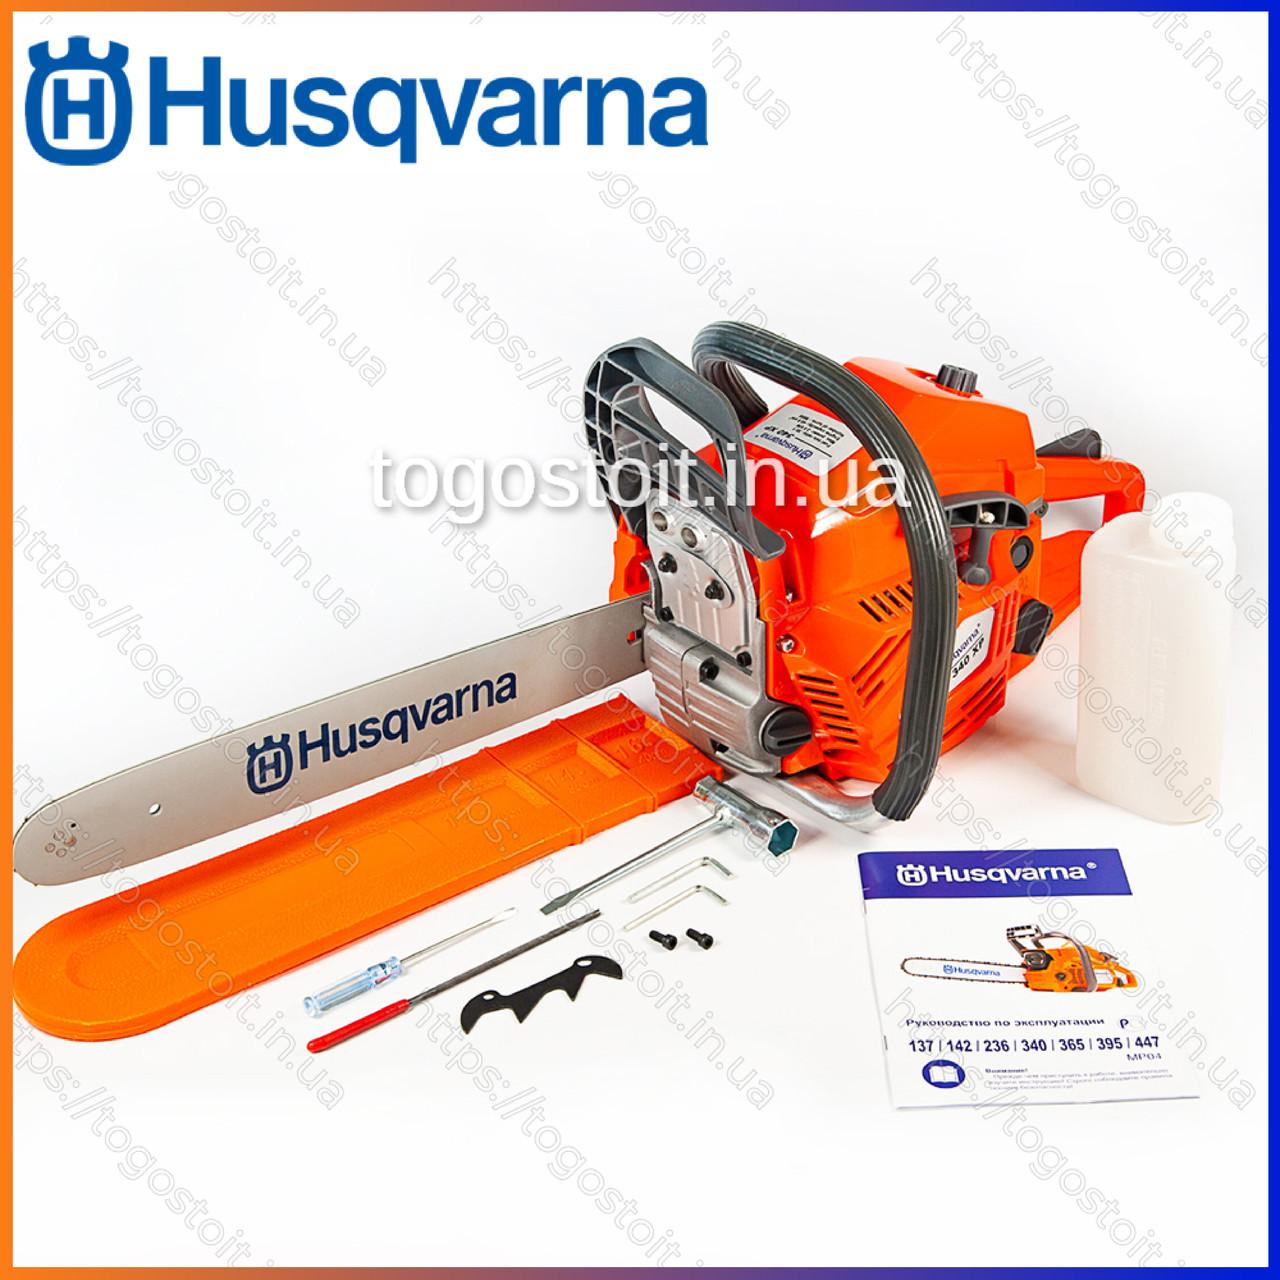 Бензопила Husqvarna 340 ХР (шина 45 см, 2.0 кВт) Цепная пила Хускварна 340 ХР. ГАРАНТИЯ 12 месяцев!